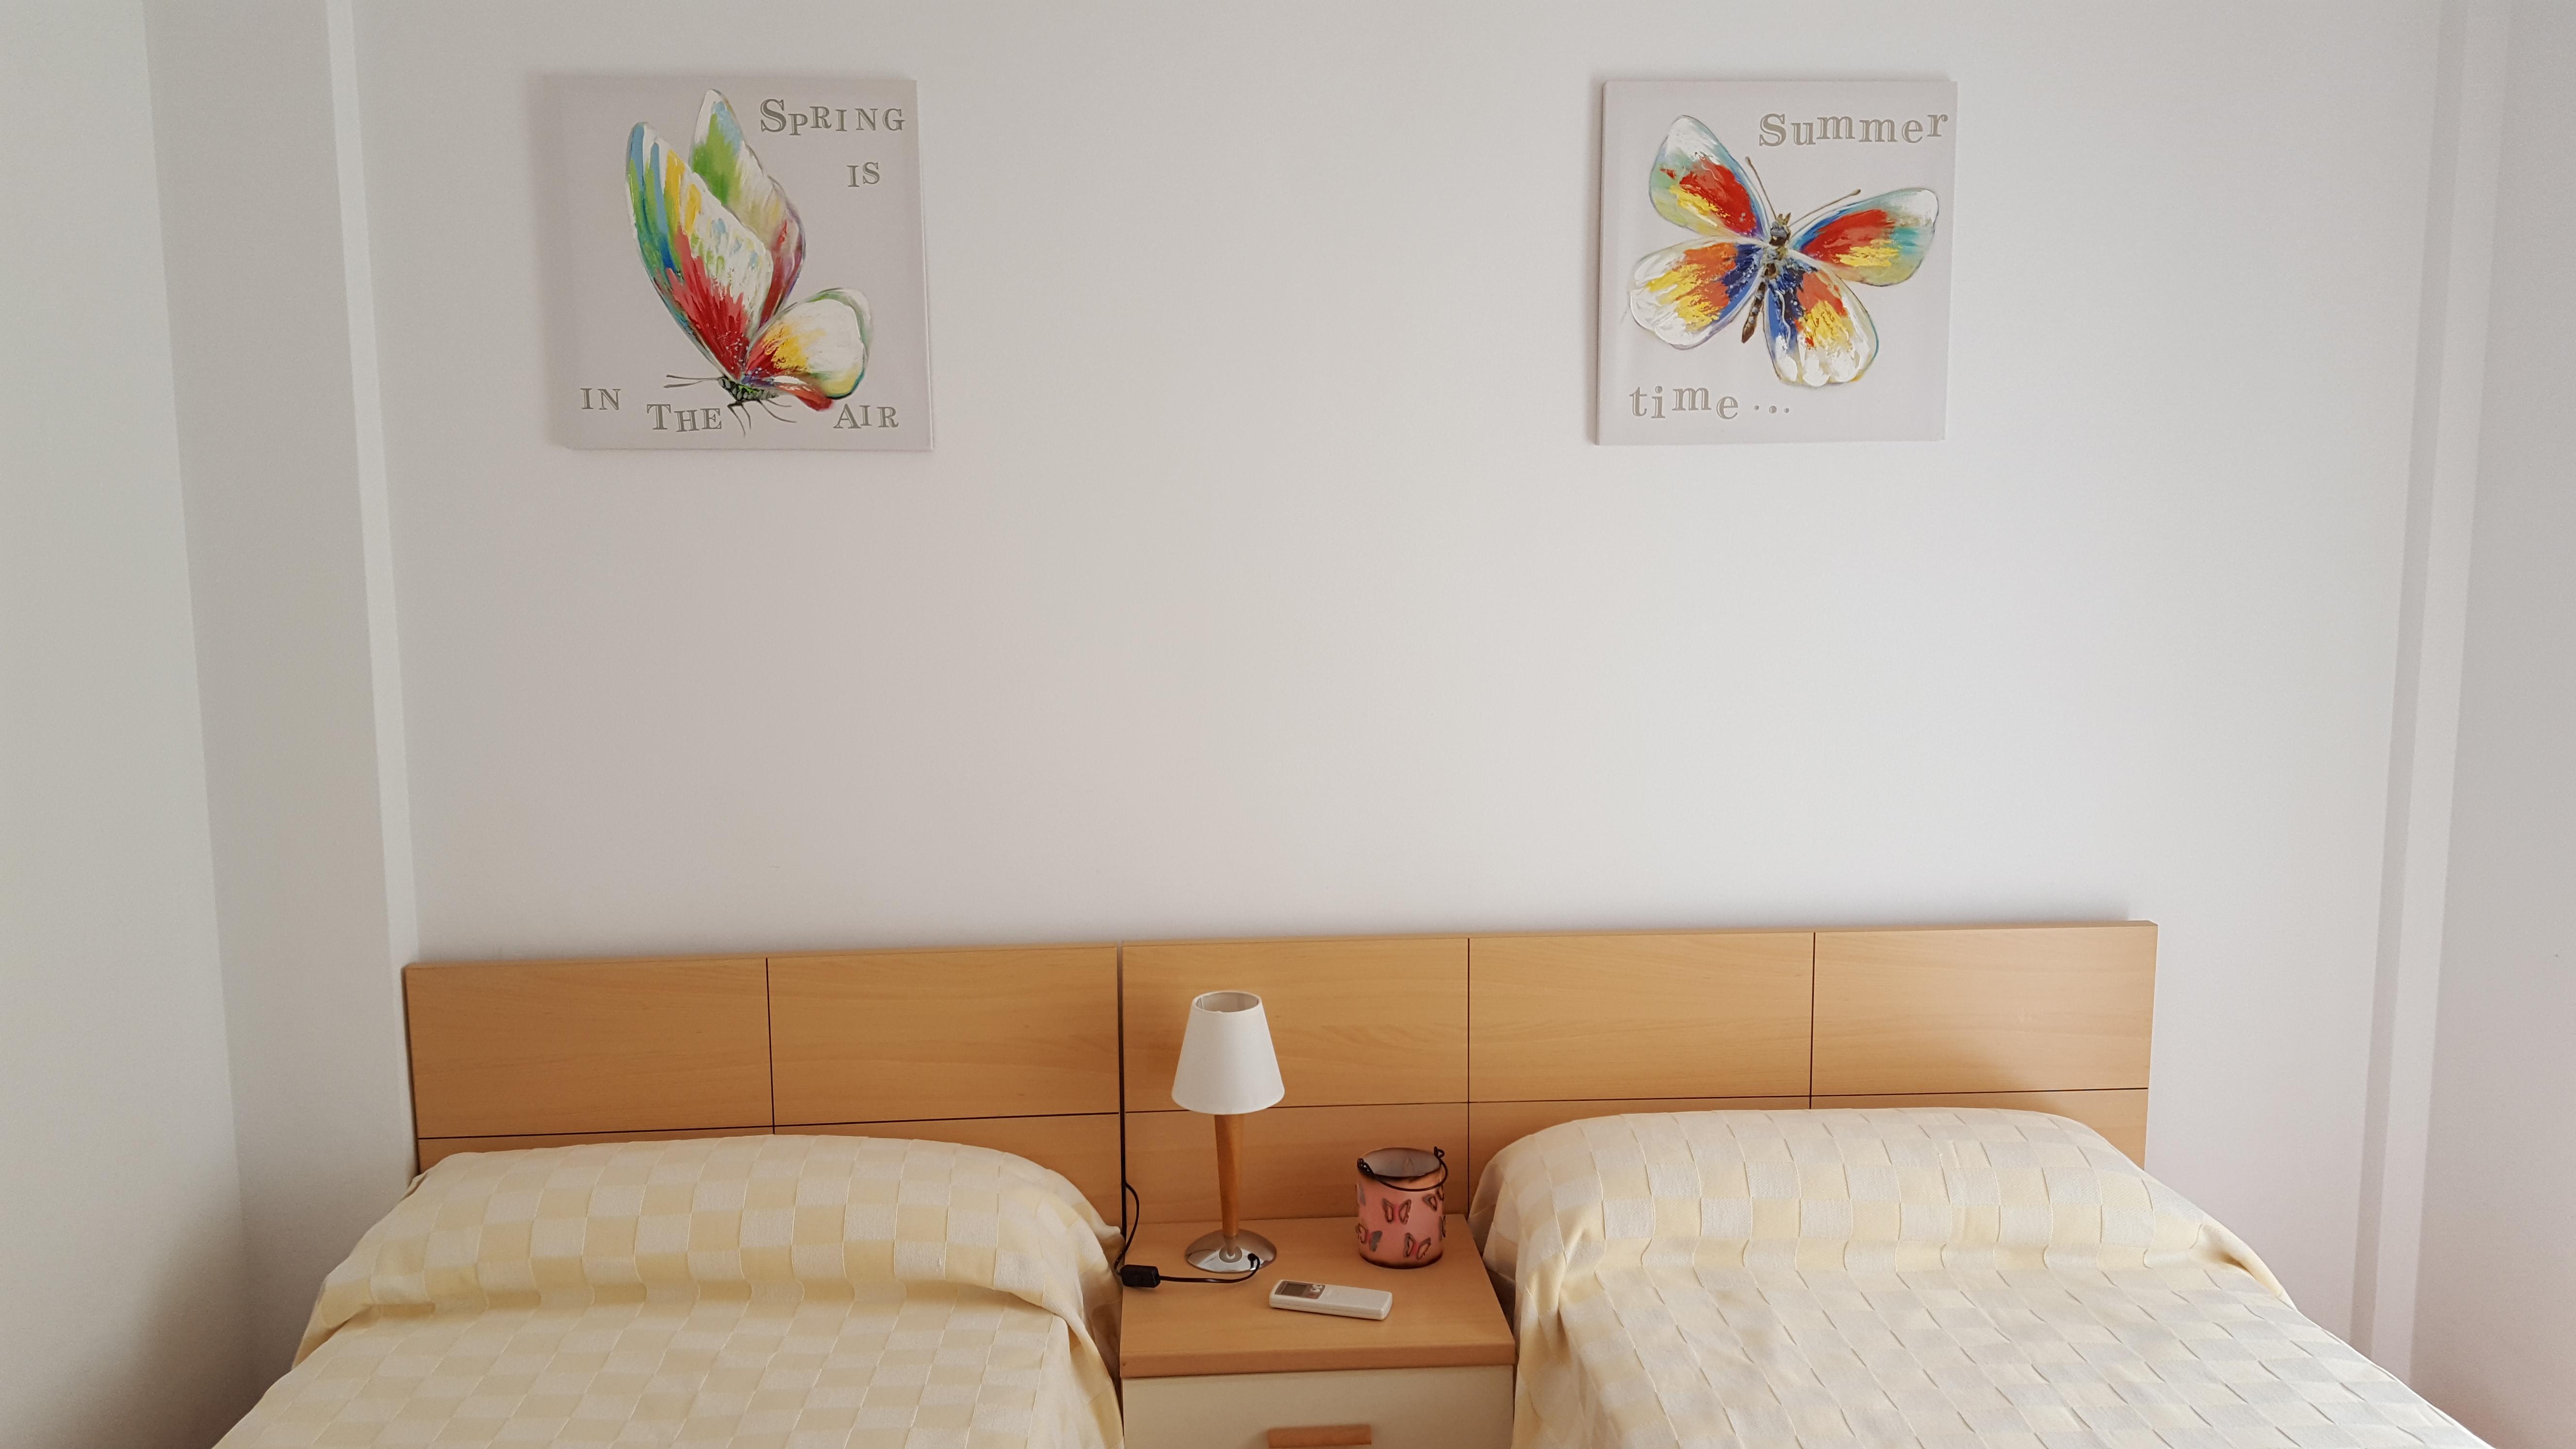 Ferienwohnung 3 Schlafzimmer Wohnung zu vermieten in Mojcar, Spanien (2388895), Mojacar, Costa de Almeria, Andalusien, Spanien, Bild 14